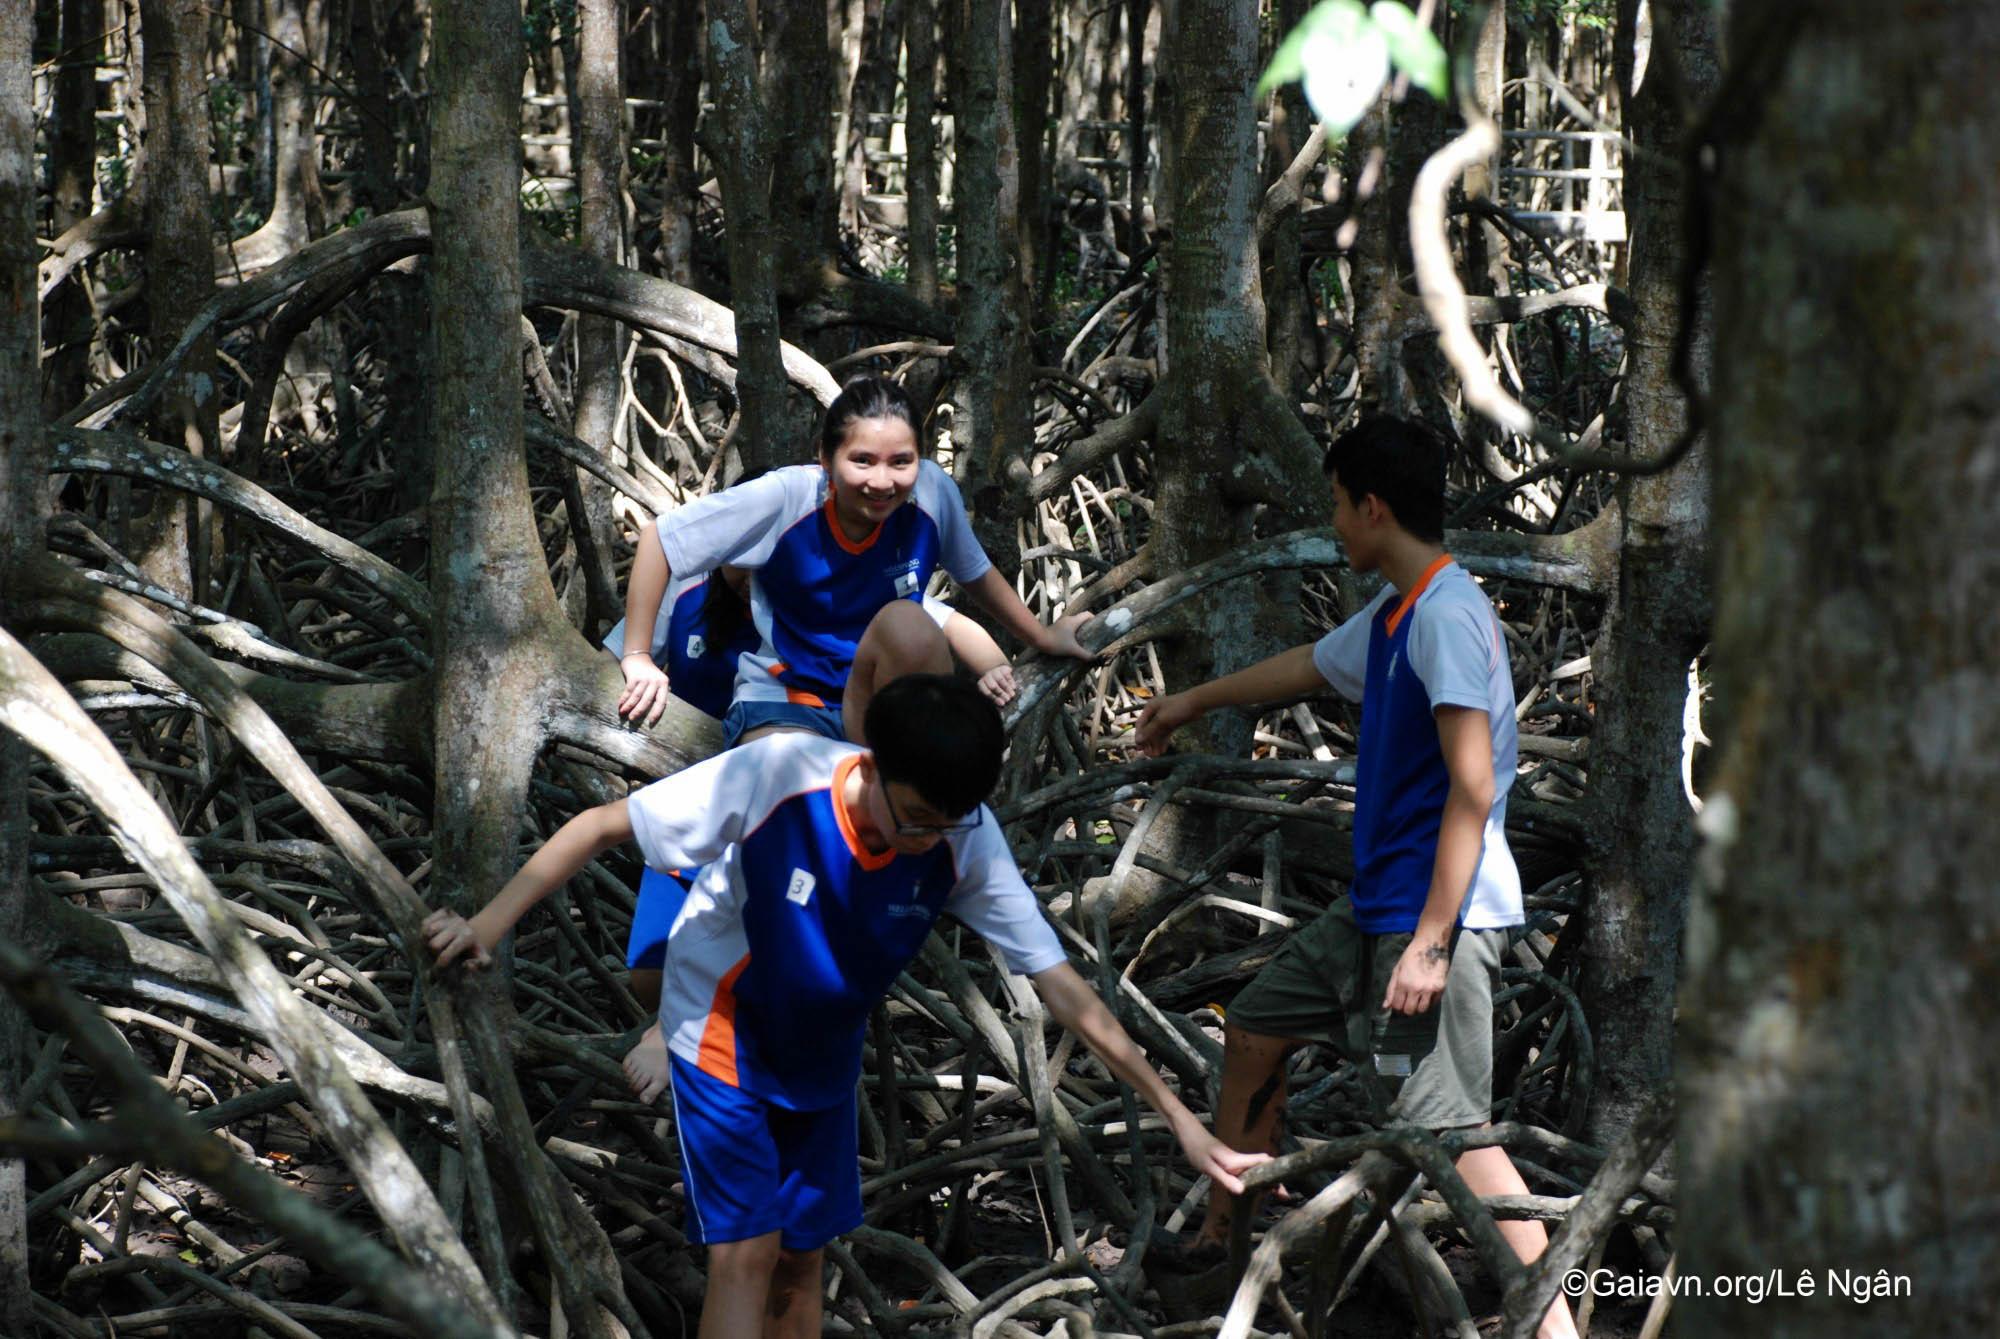 Hào hứng đi trên rễ cây Đước